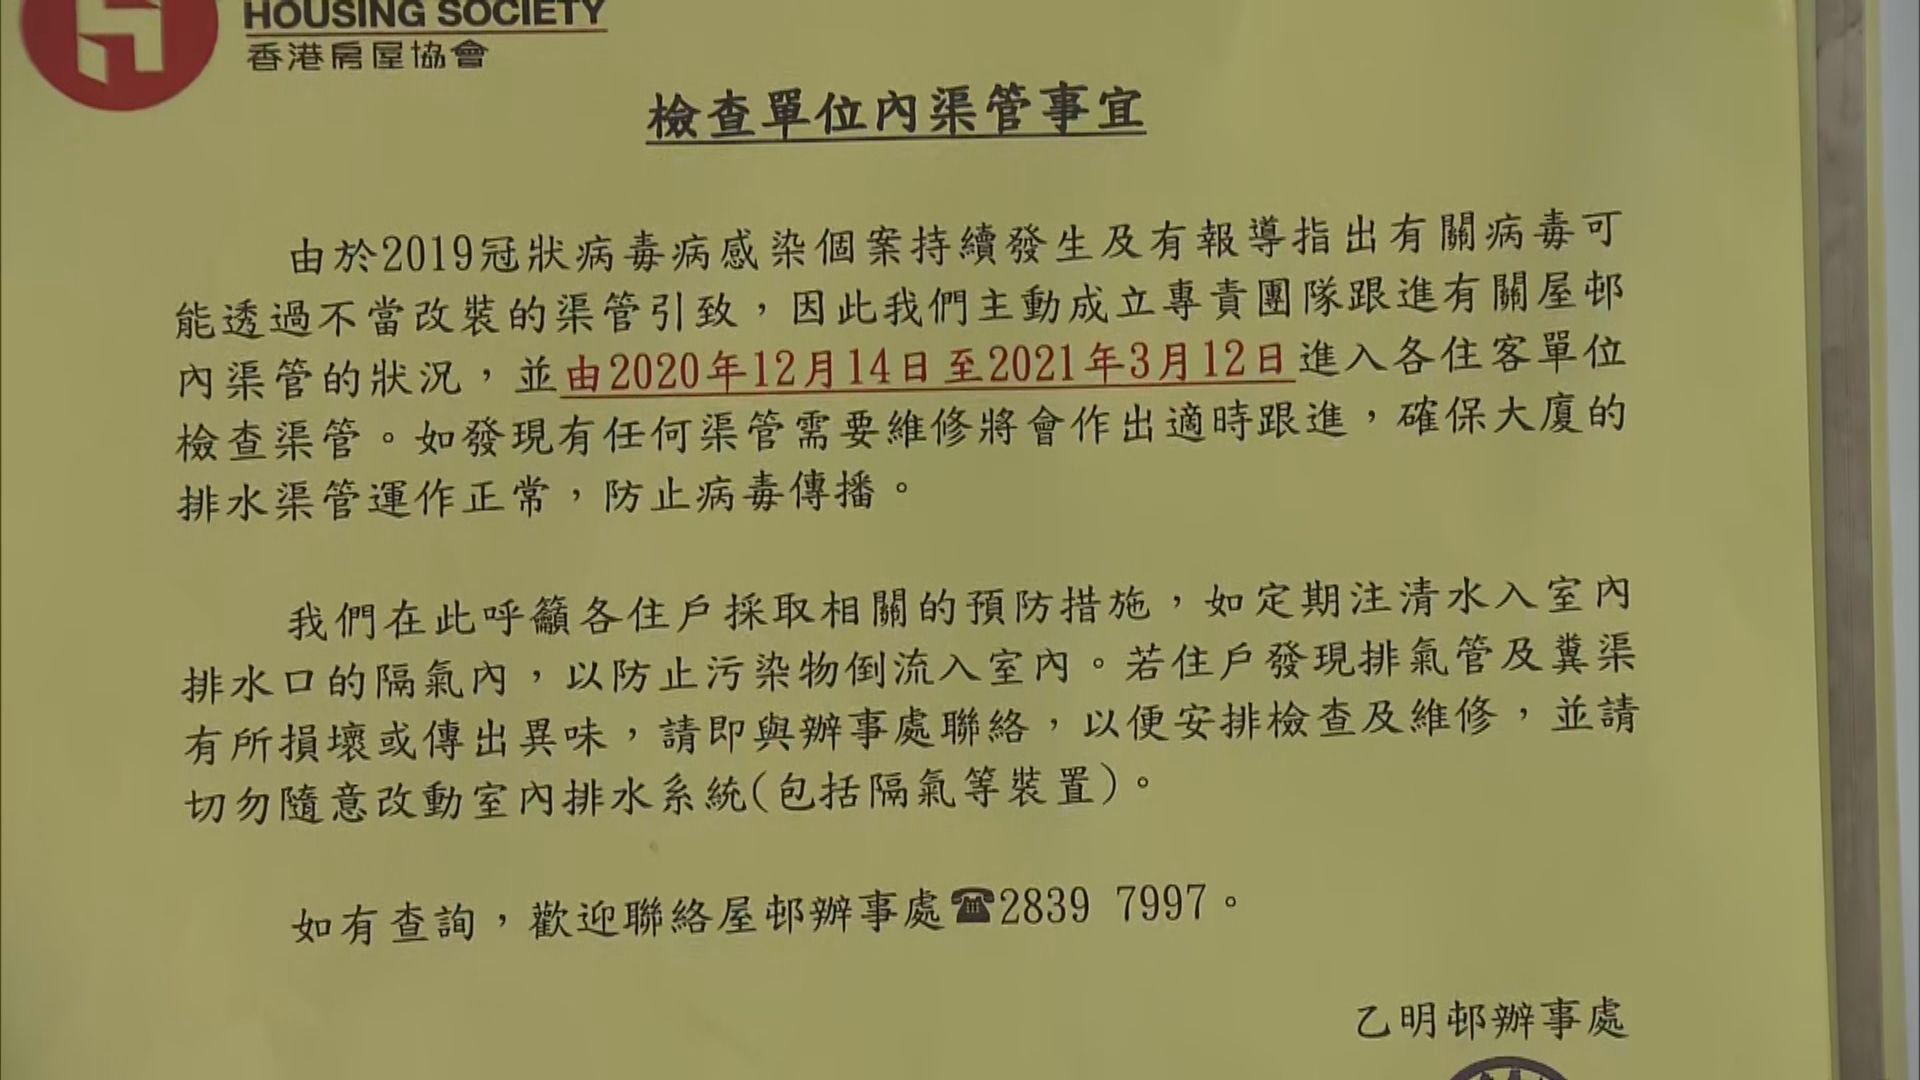 明恩樓4單位6人確診 當局要求居民逗留人士強制檢測